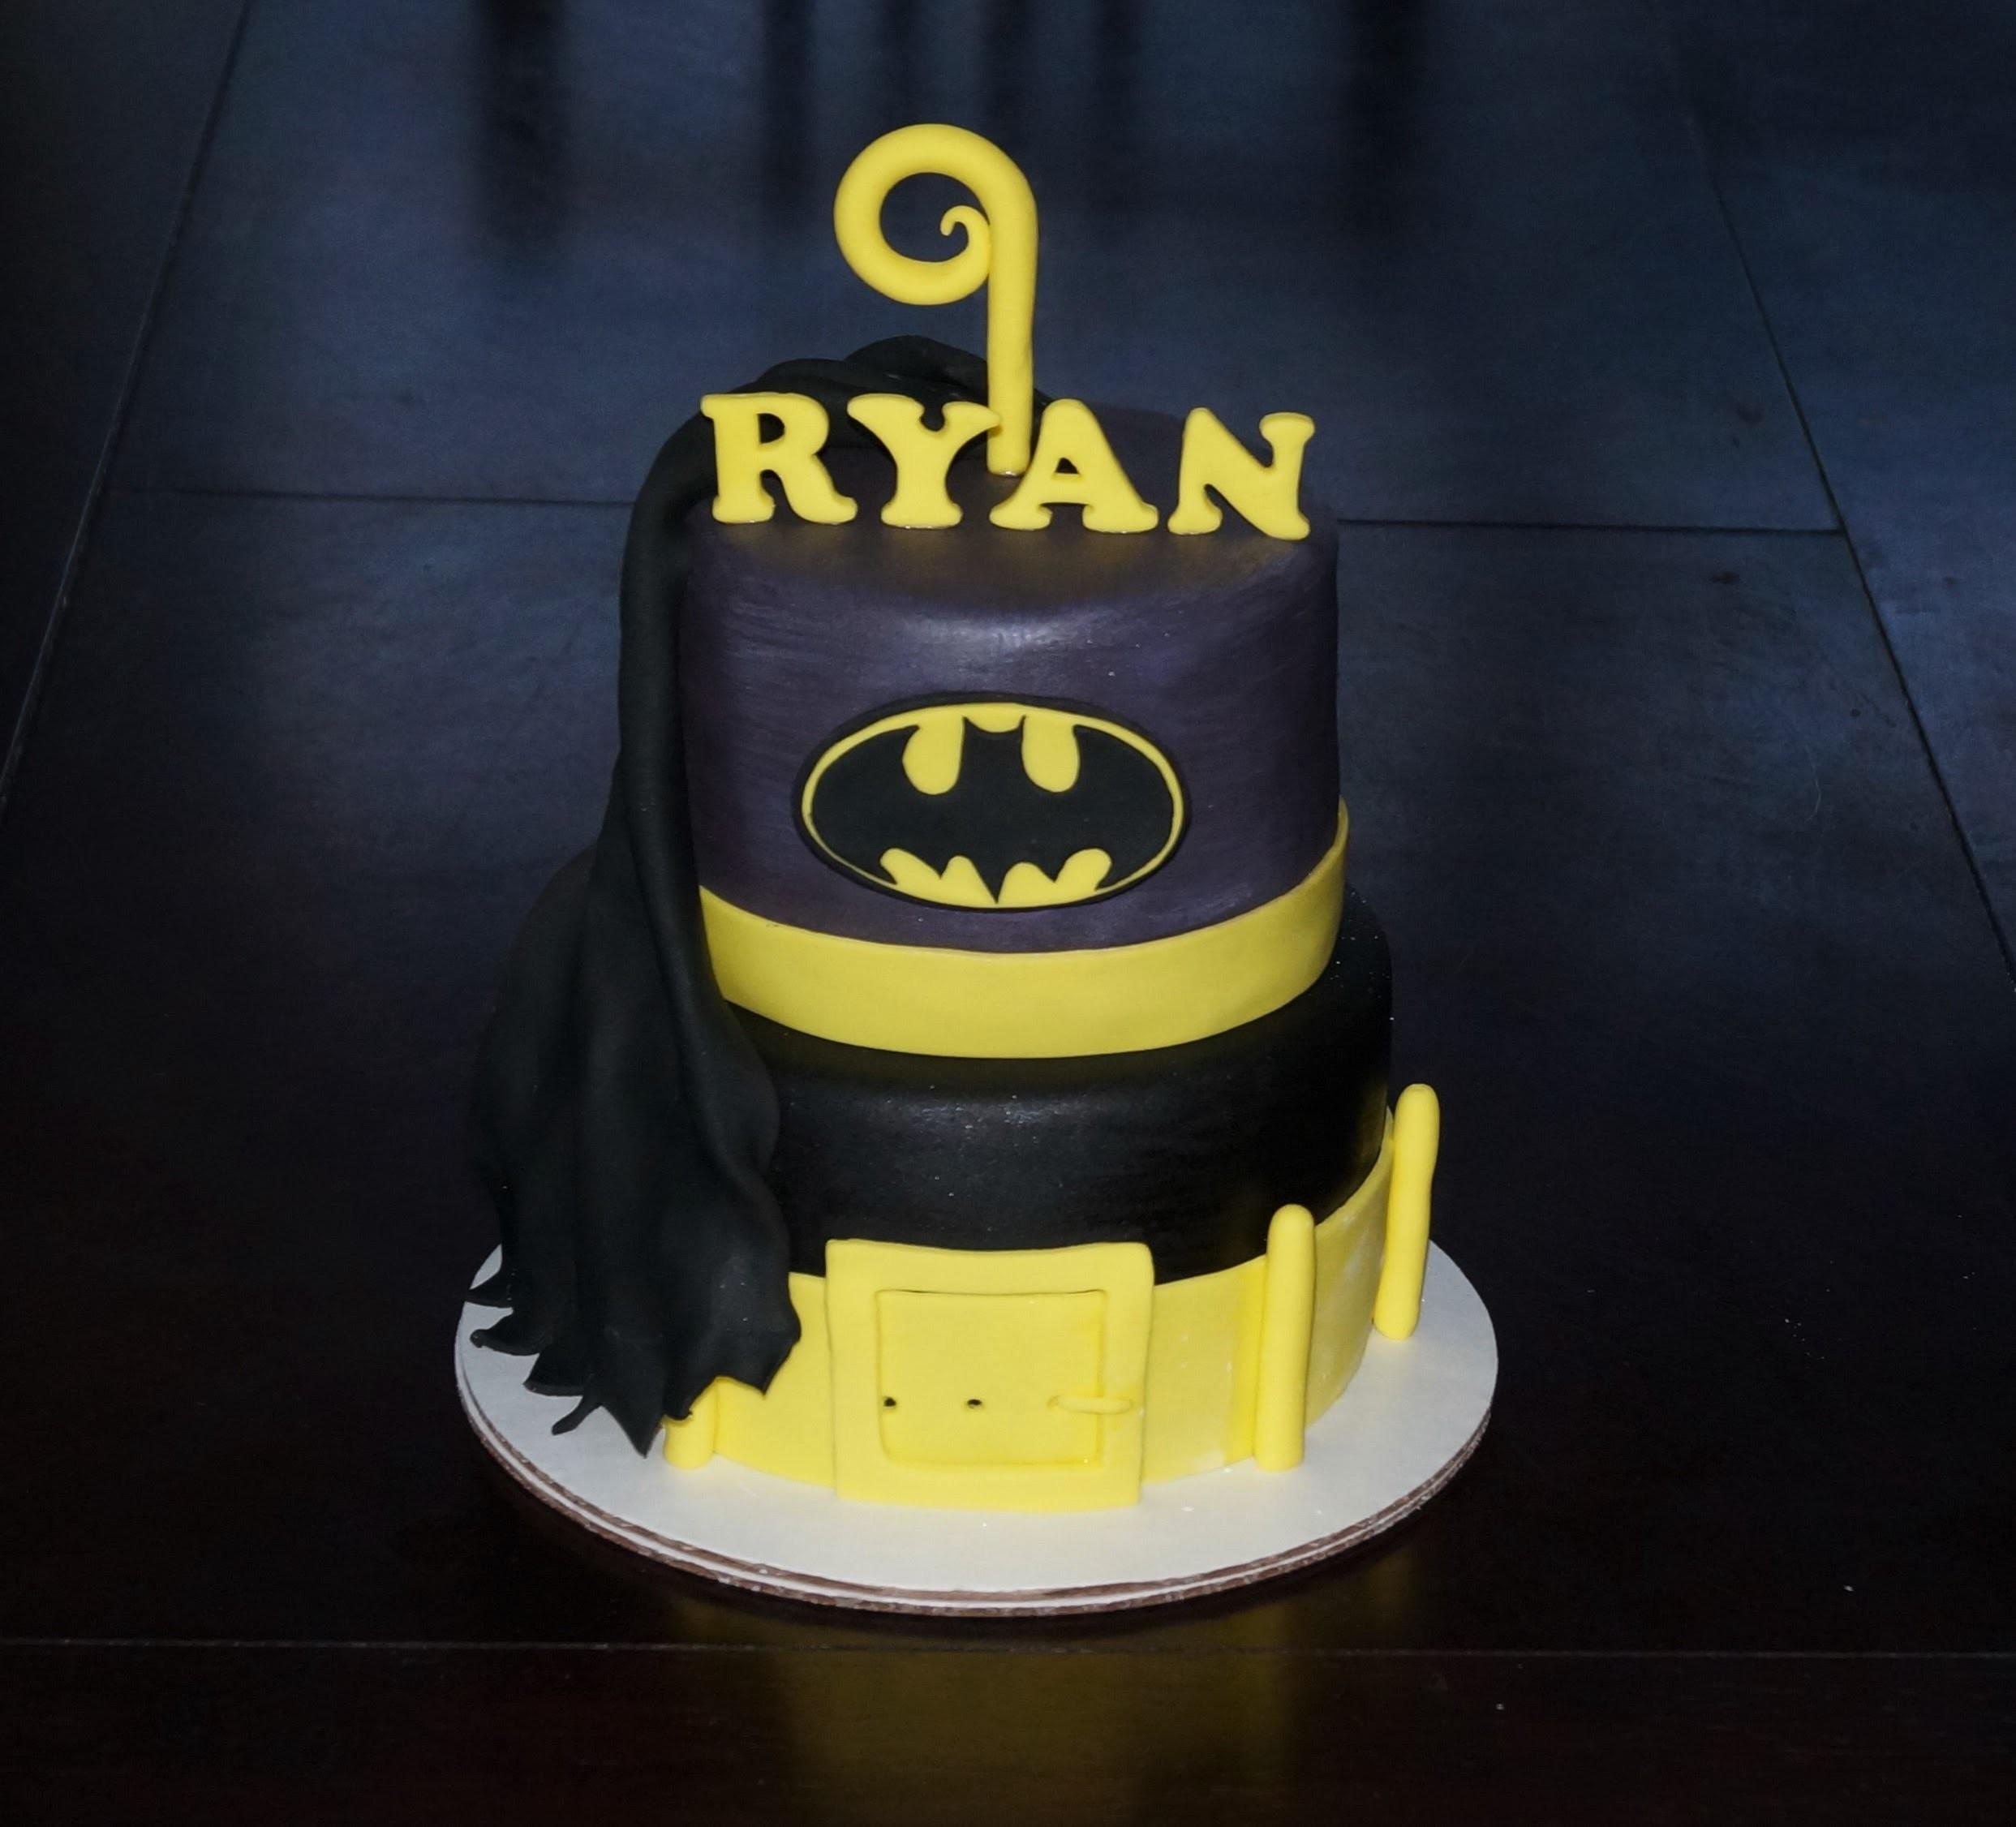 Cake decorating - how to make a batman fondant logo